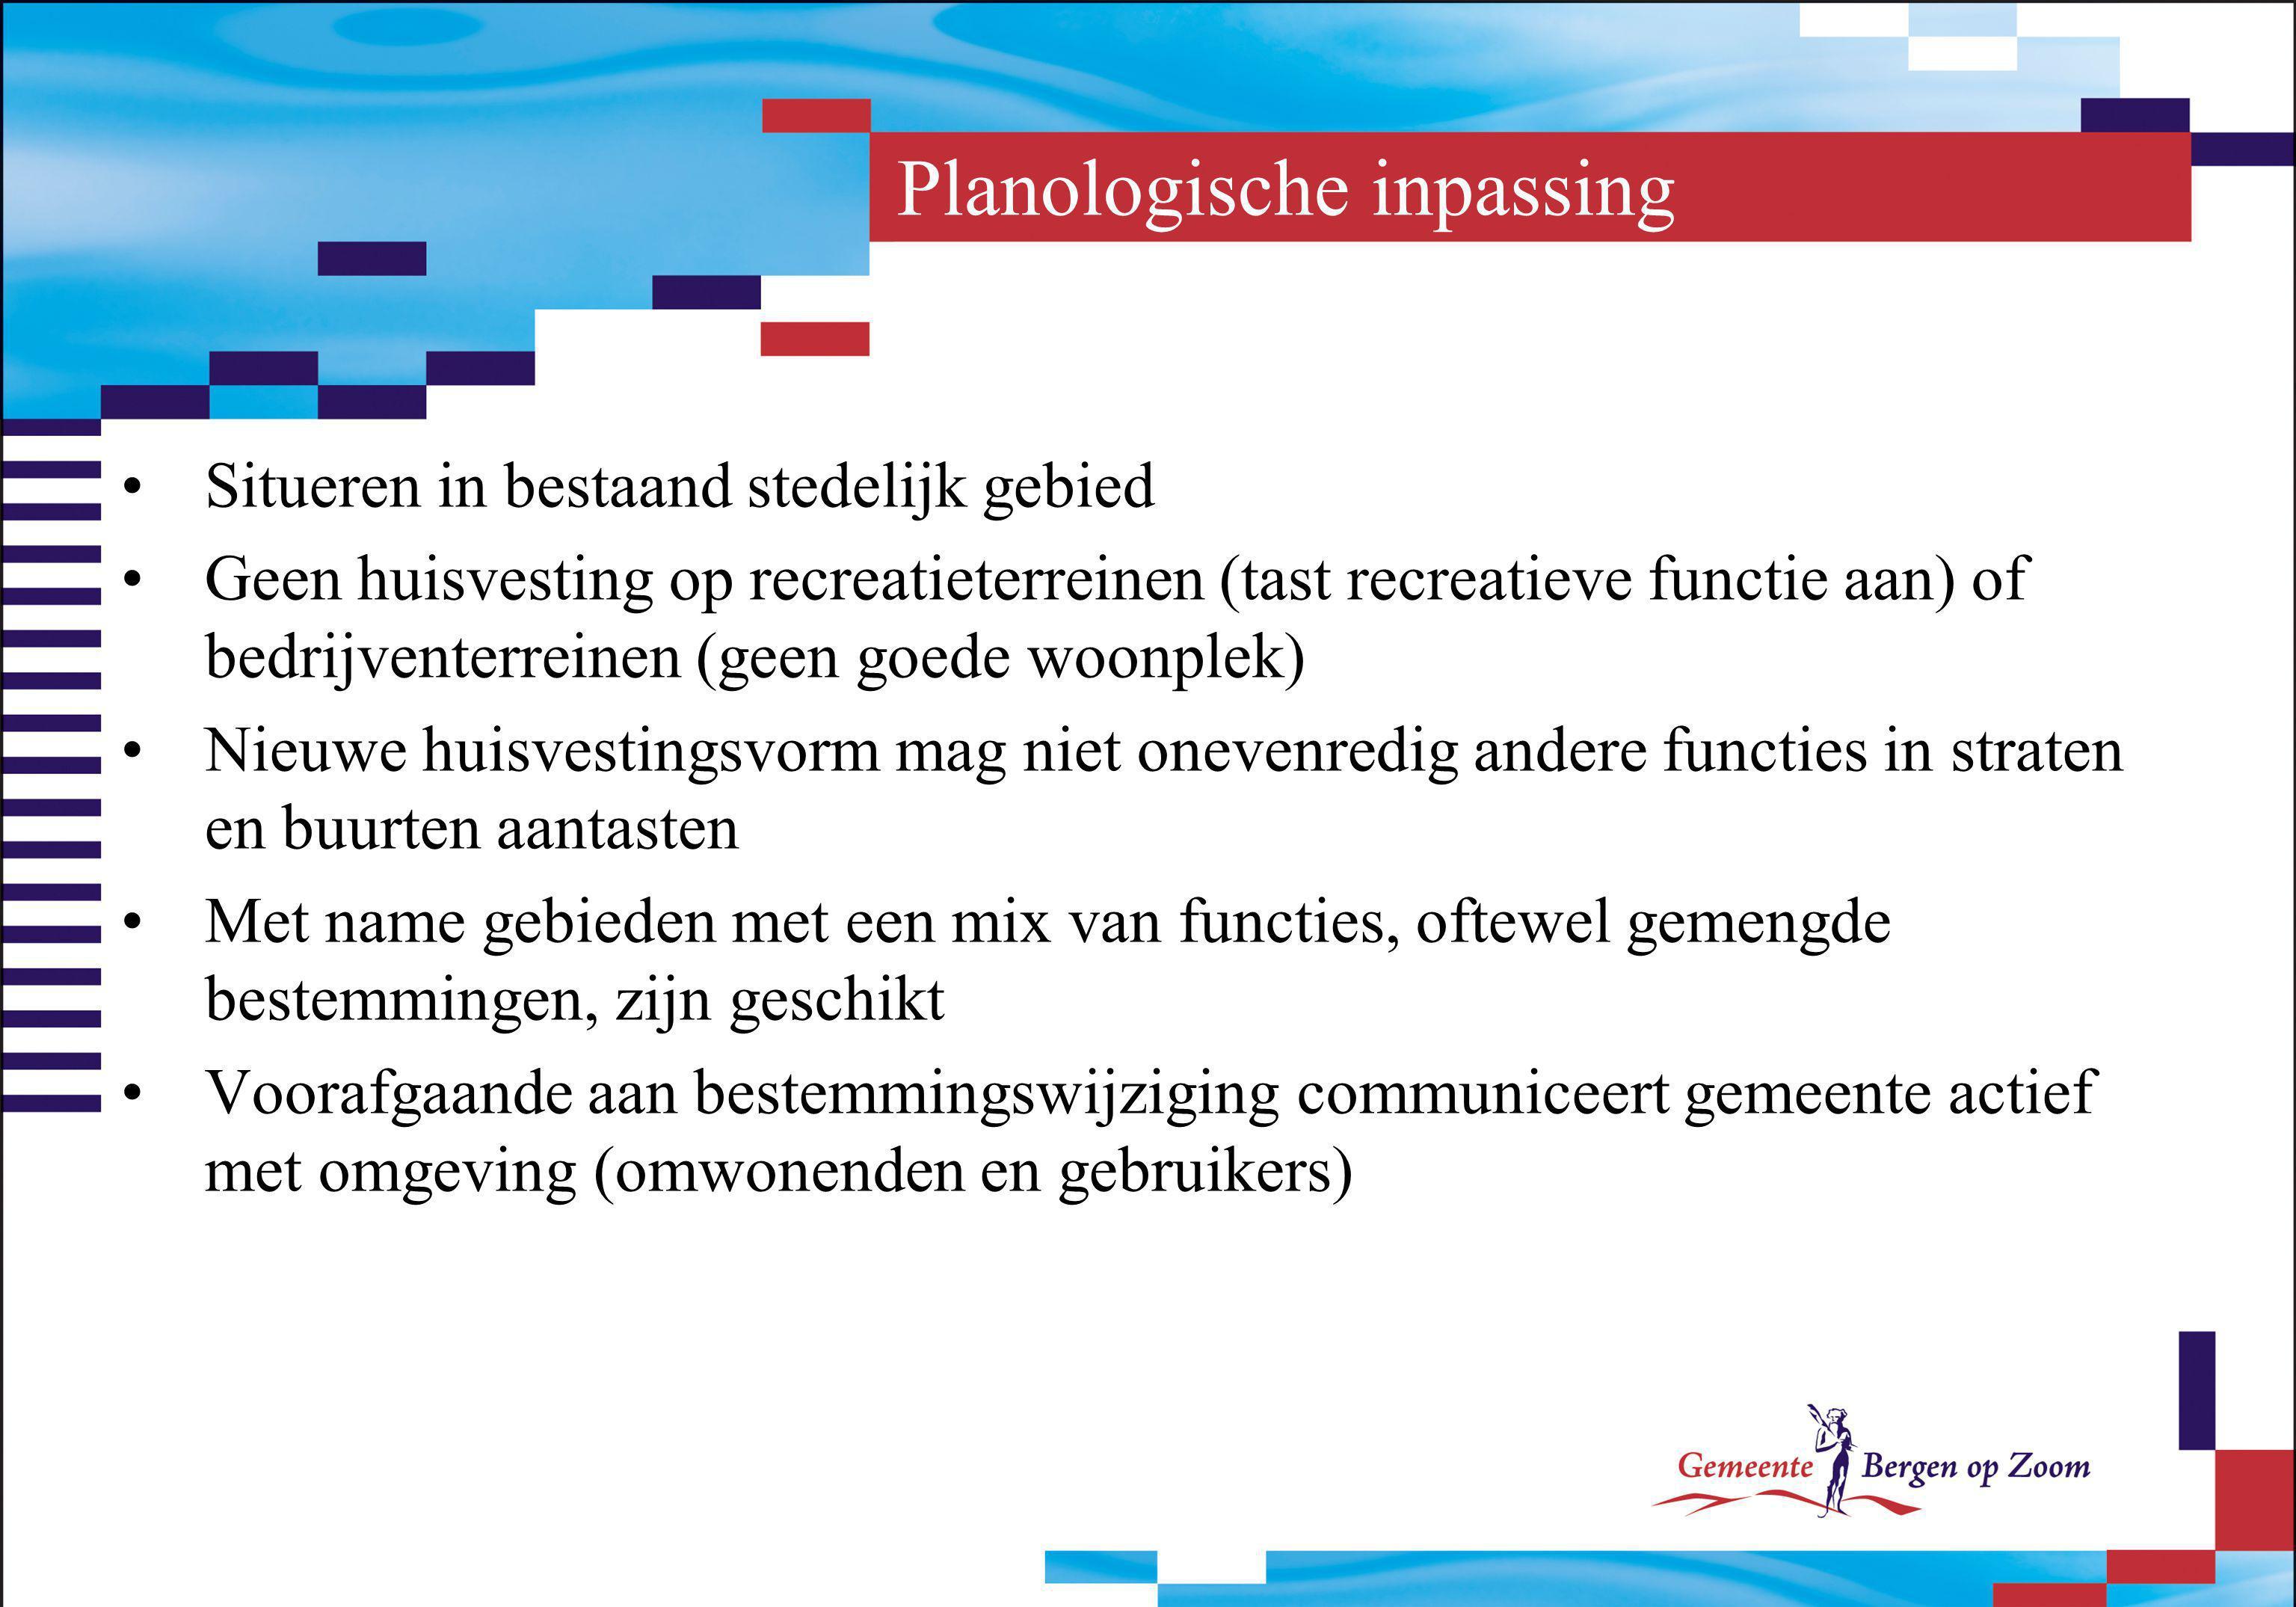 Planologische inpassing